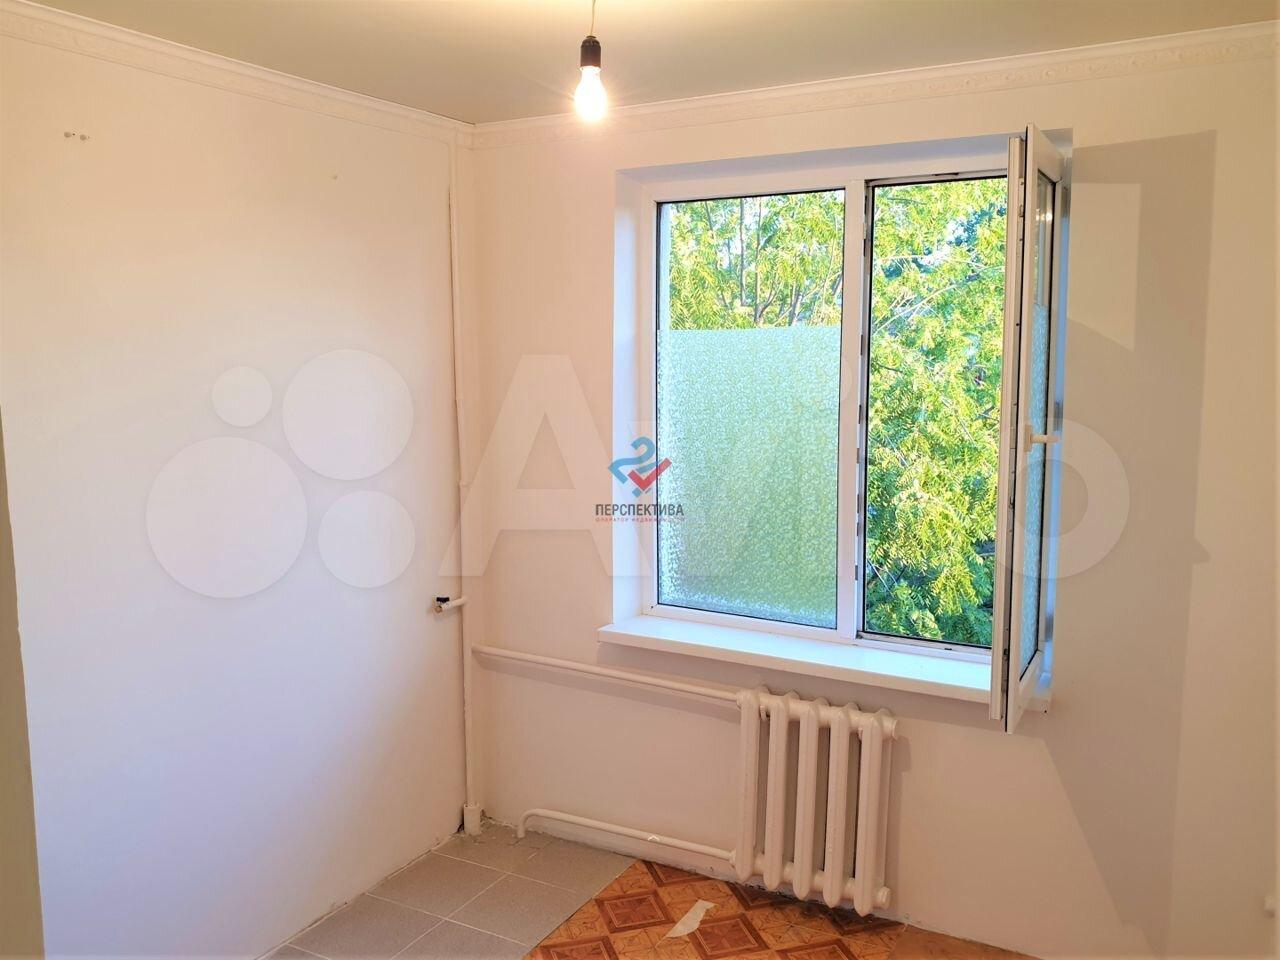 1-к квартира, 30.5 м², 5/5 эт.  89899231010 купить 3